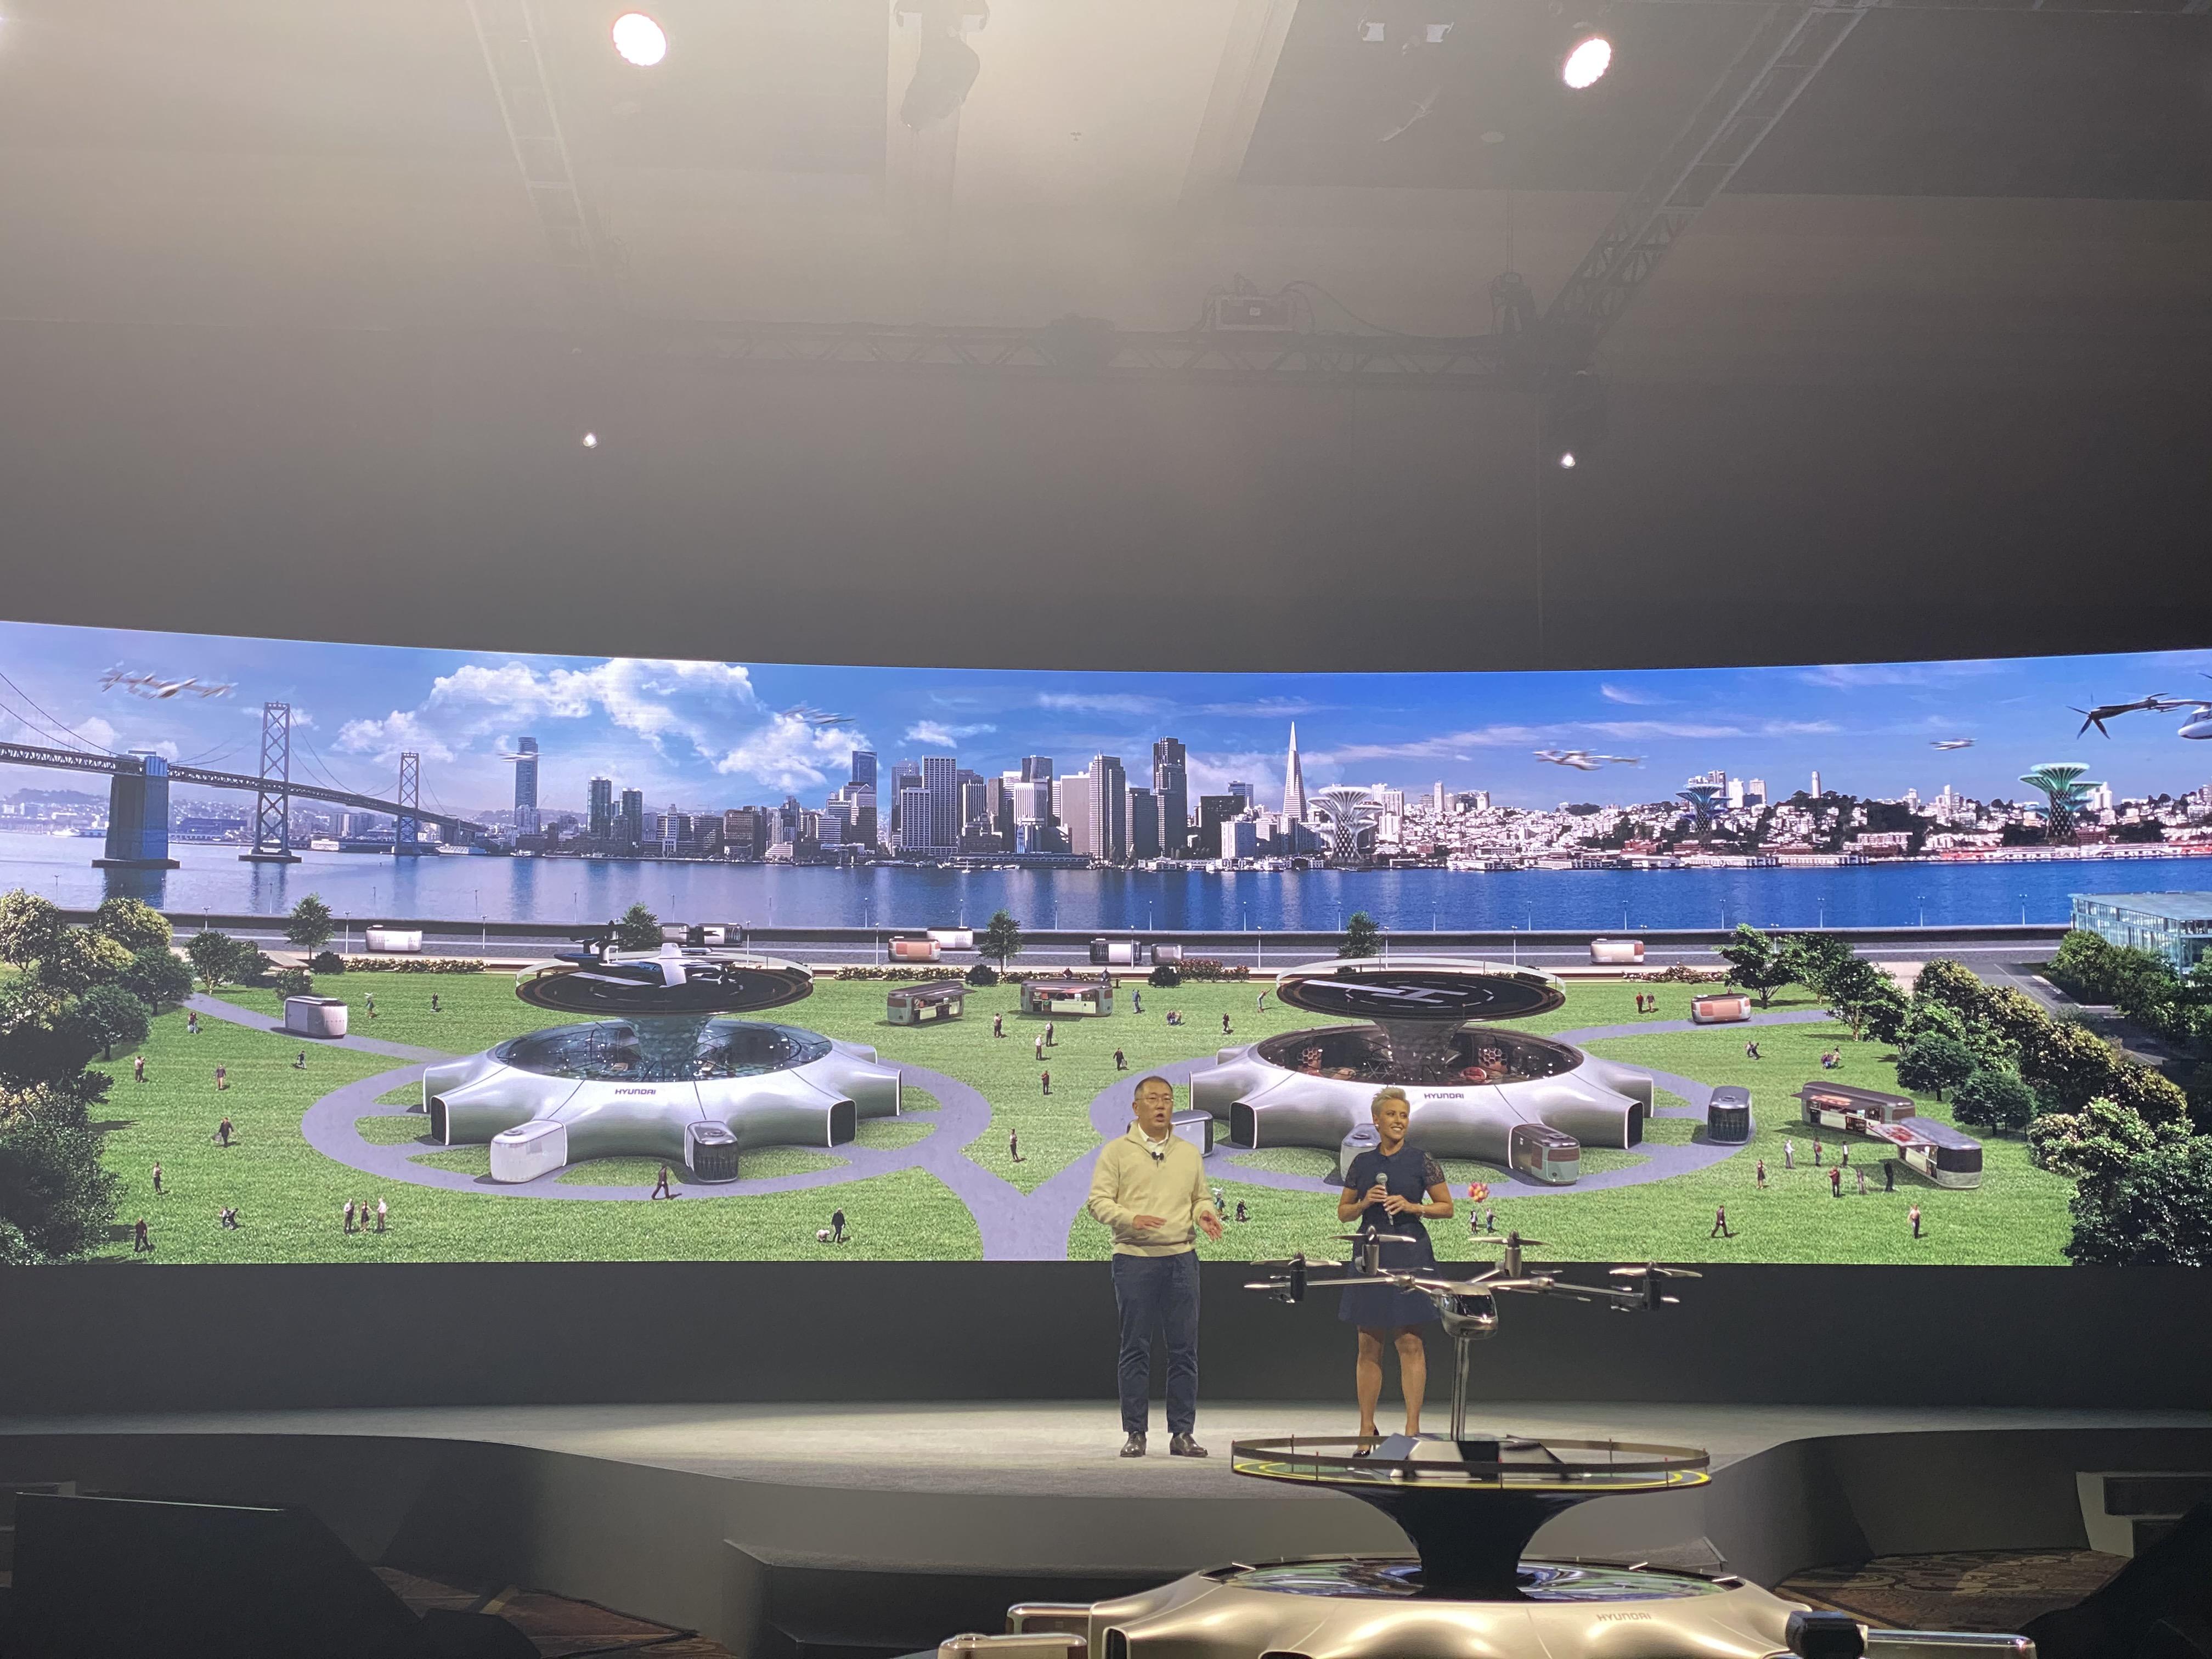 6일(현지시간) 미국 라스베이거스 맨덜레이호텔에서 진행된 'CES 2020' 미디어데이 행사에서 정의선 현대자동차 수석 부회장이 인간 중심의 새로운 모빌리티 솔루션을 공개했다.